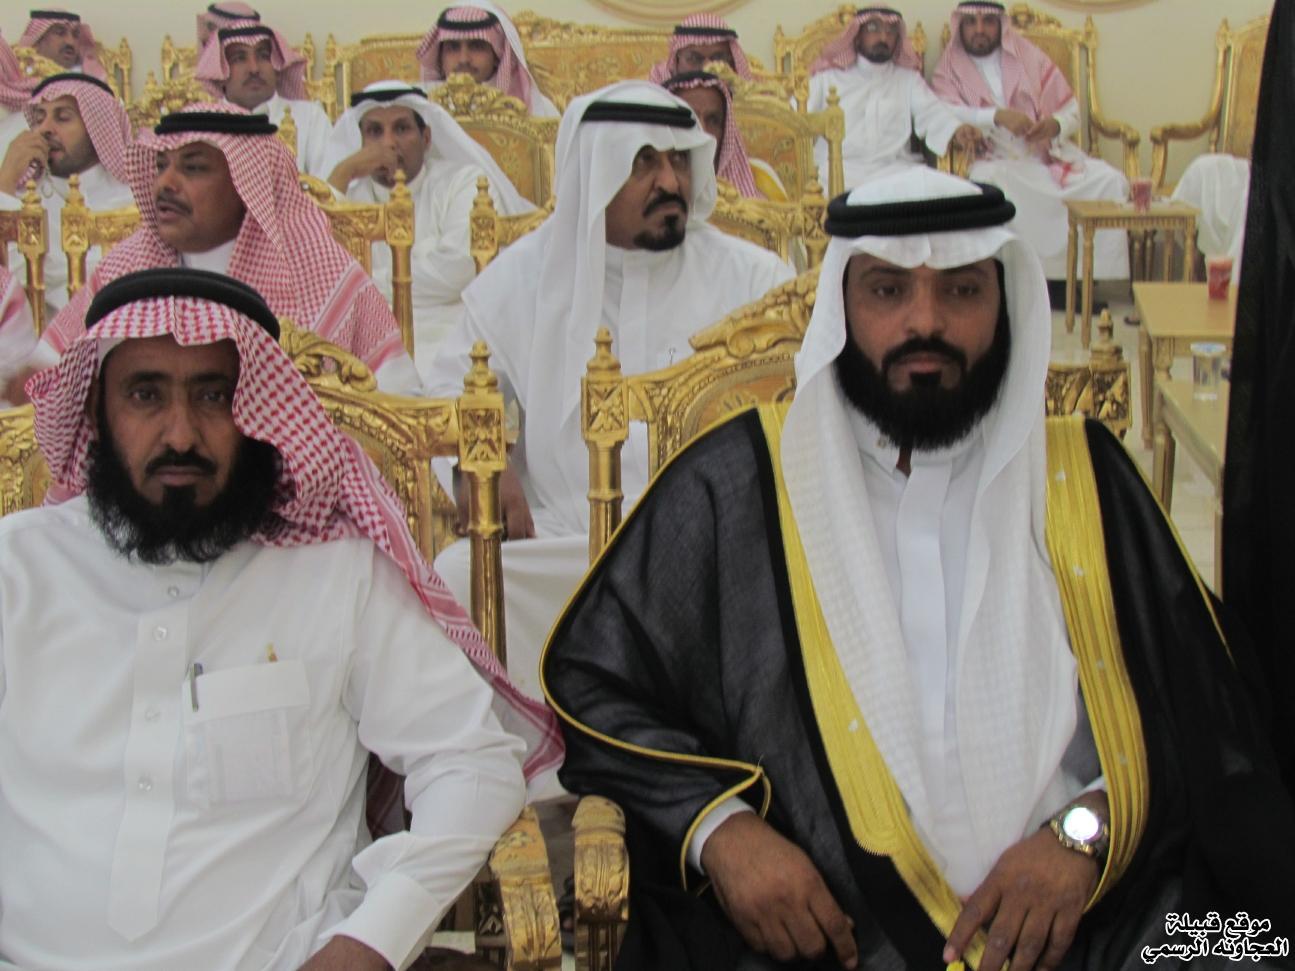 تغطية حفل زواج الشاب هليل صنت العازمي موقع وملتقى قبيلة العجاونه الرسمي